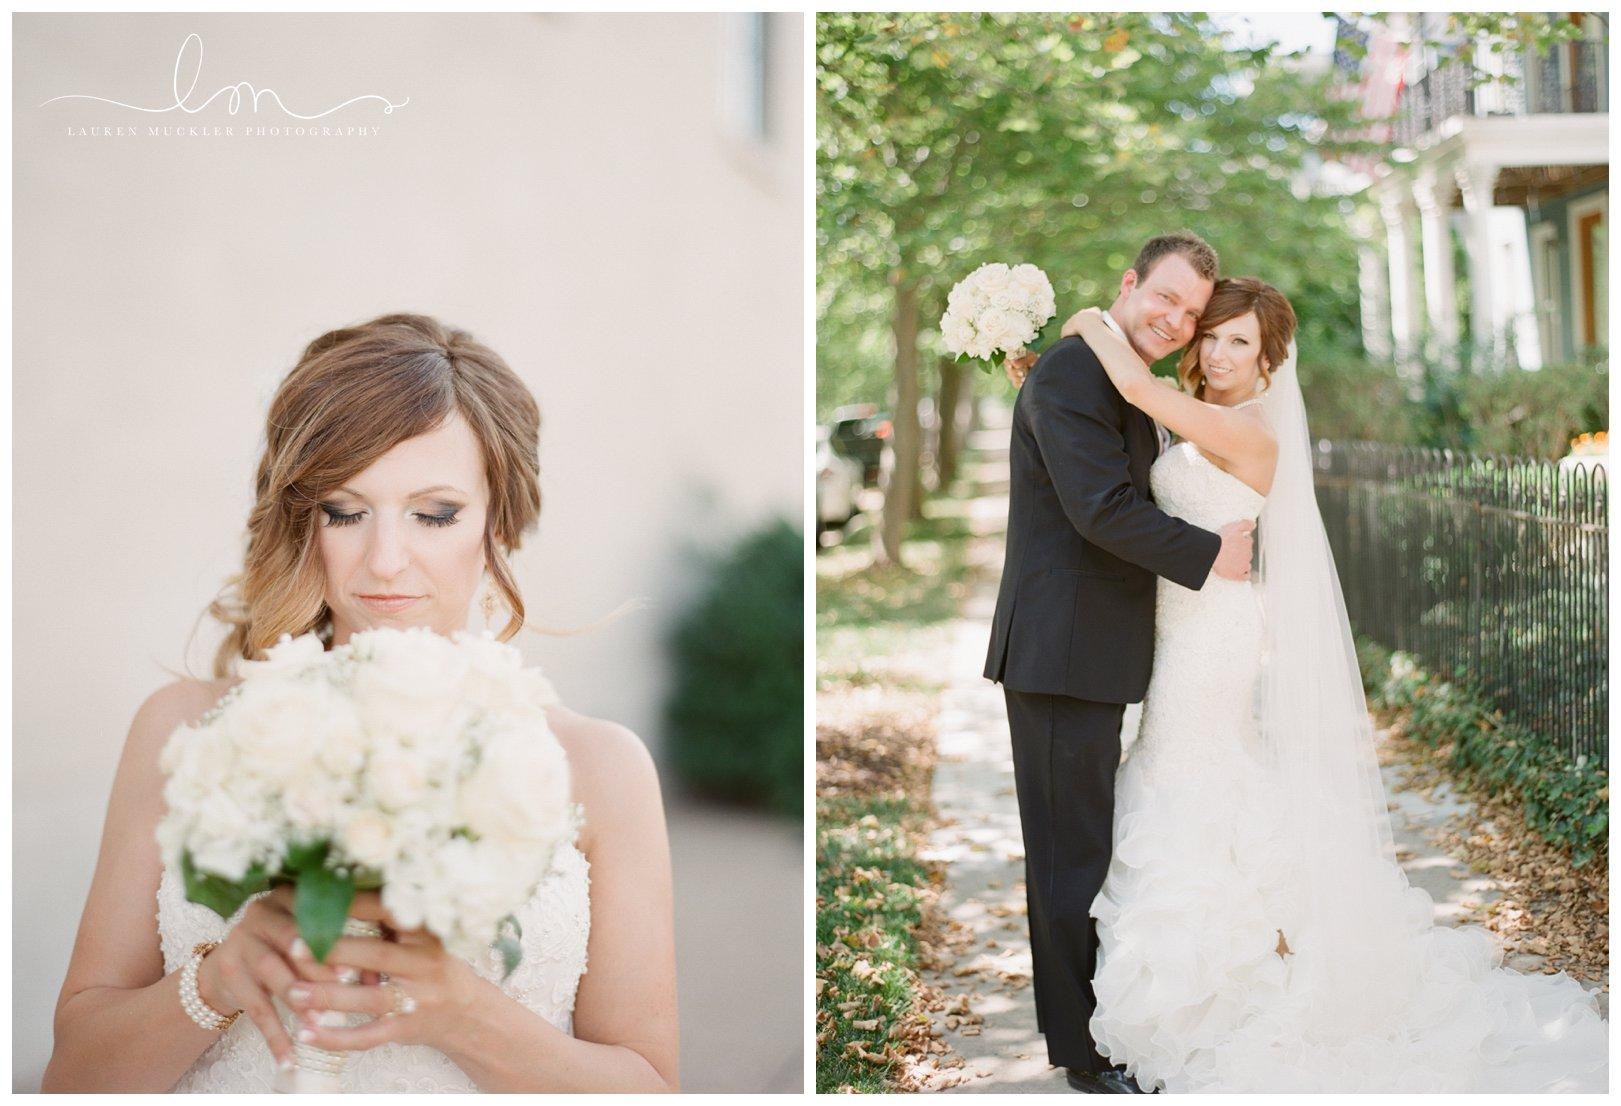 lauren muckler photography_fine art film wedding photography_st louis_photography_0473.jpg